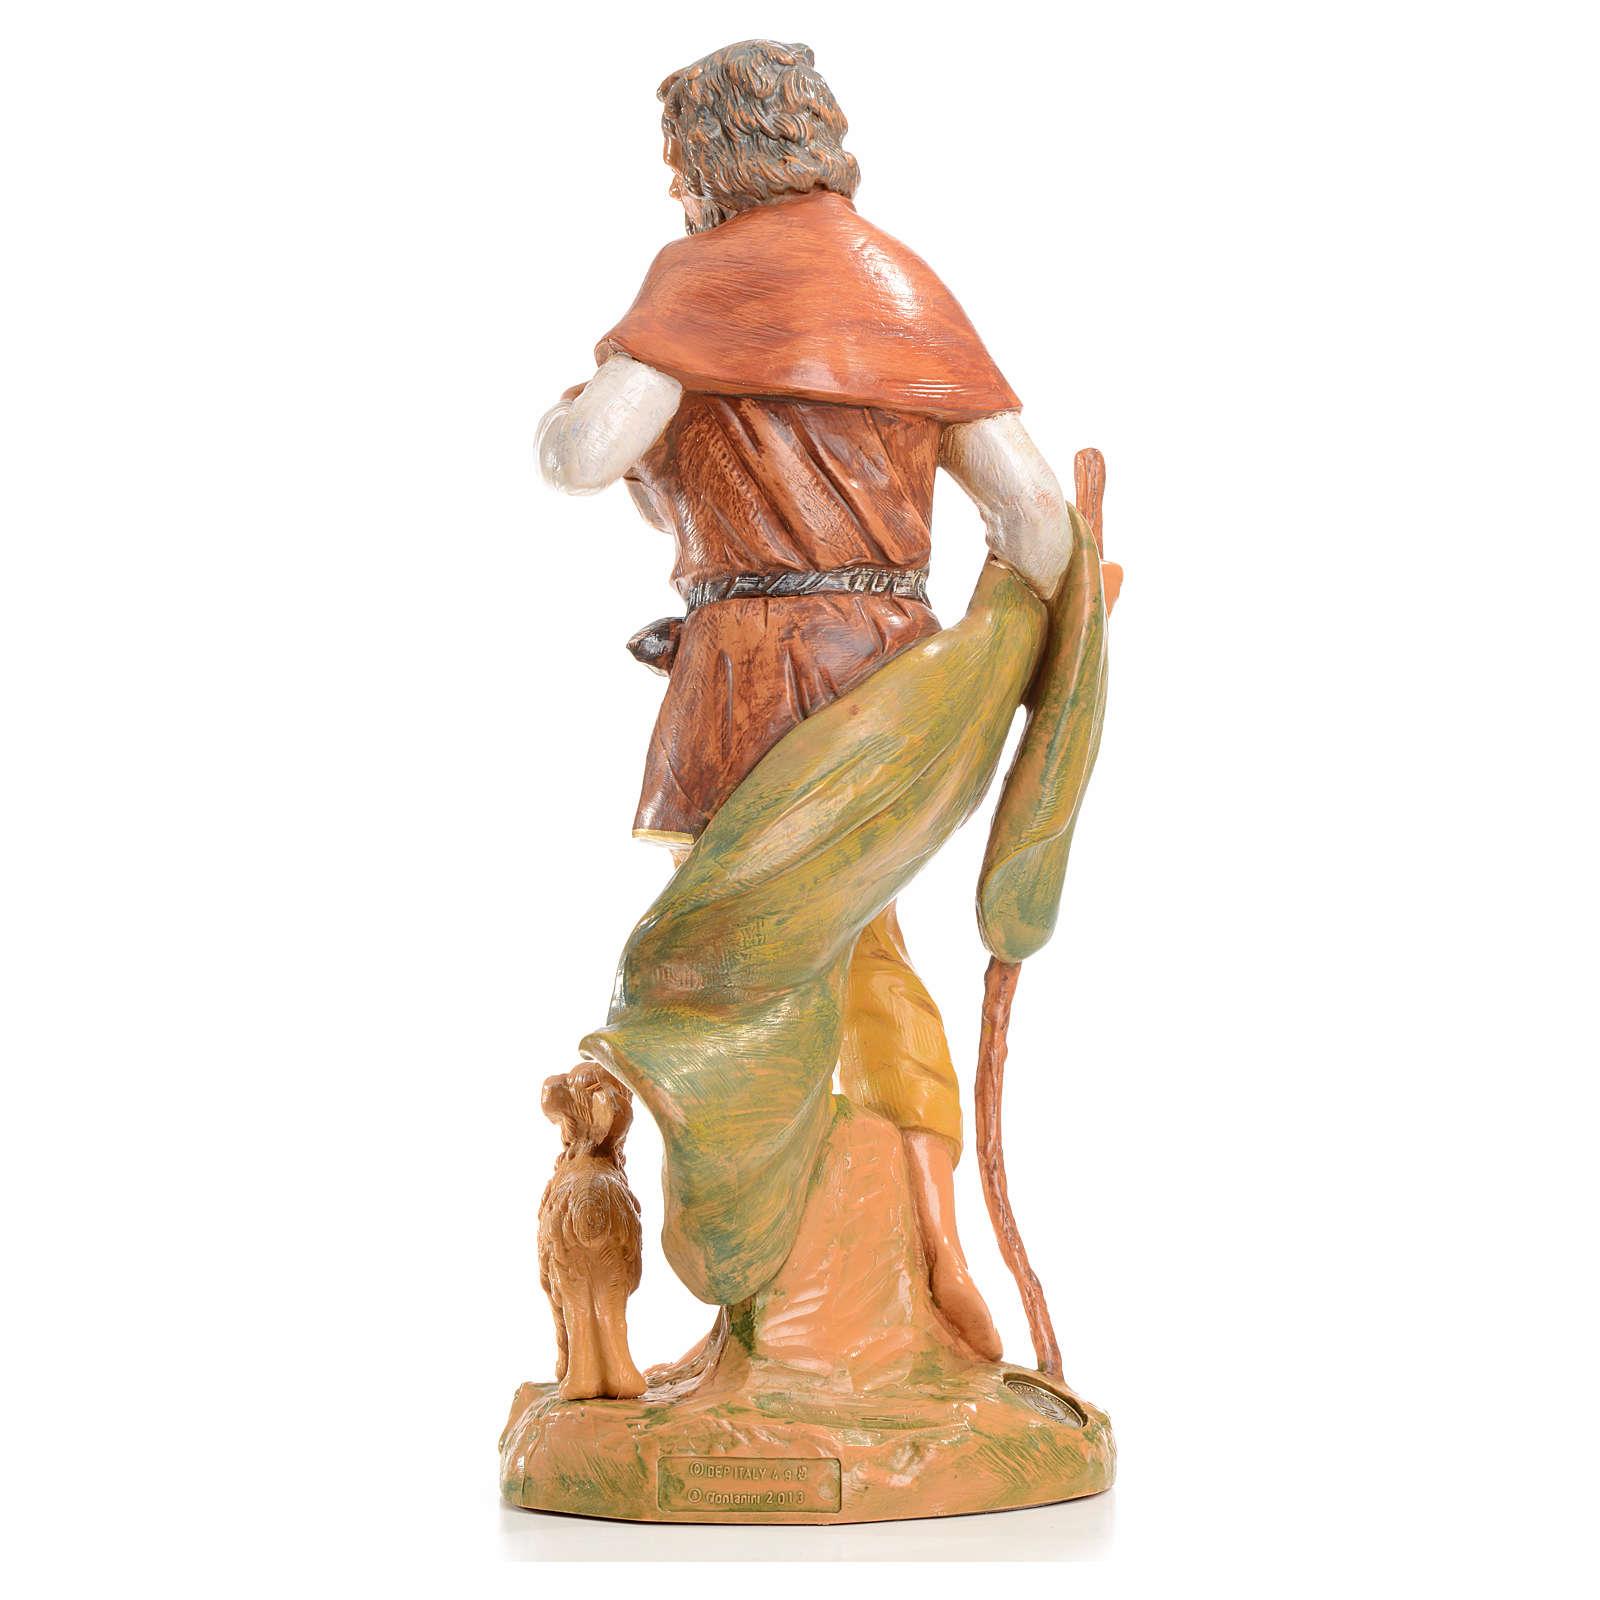 Pastore con cane 30 cm Fontanini 3